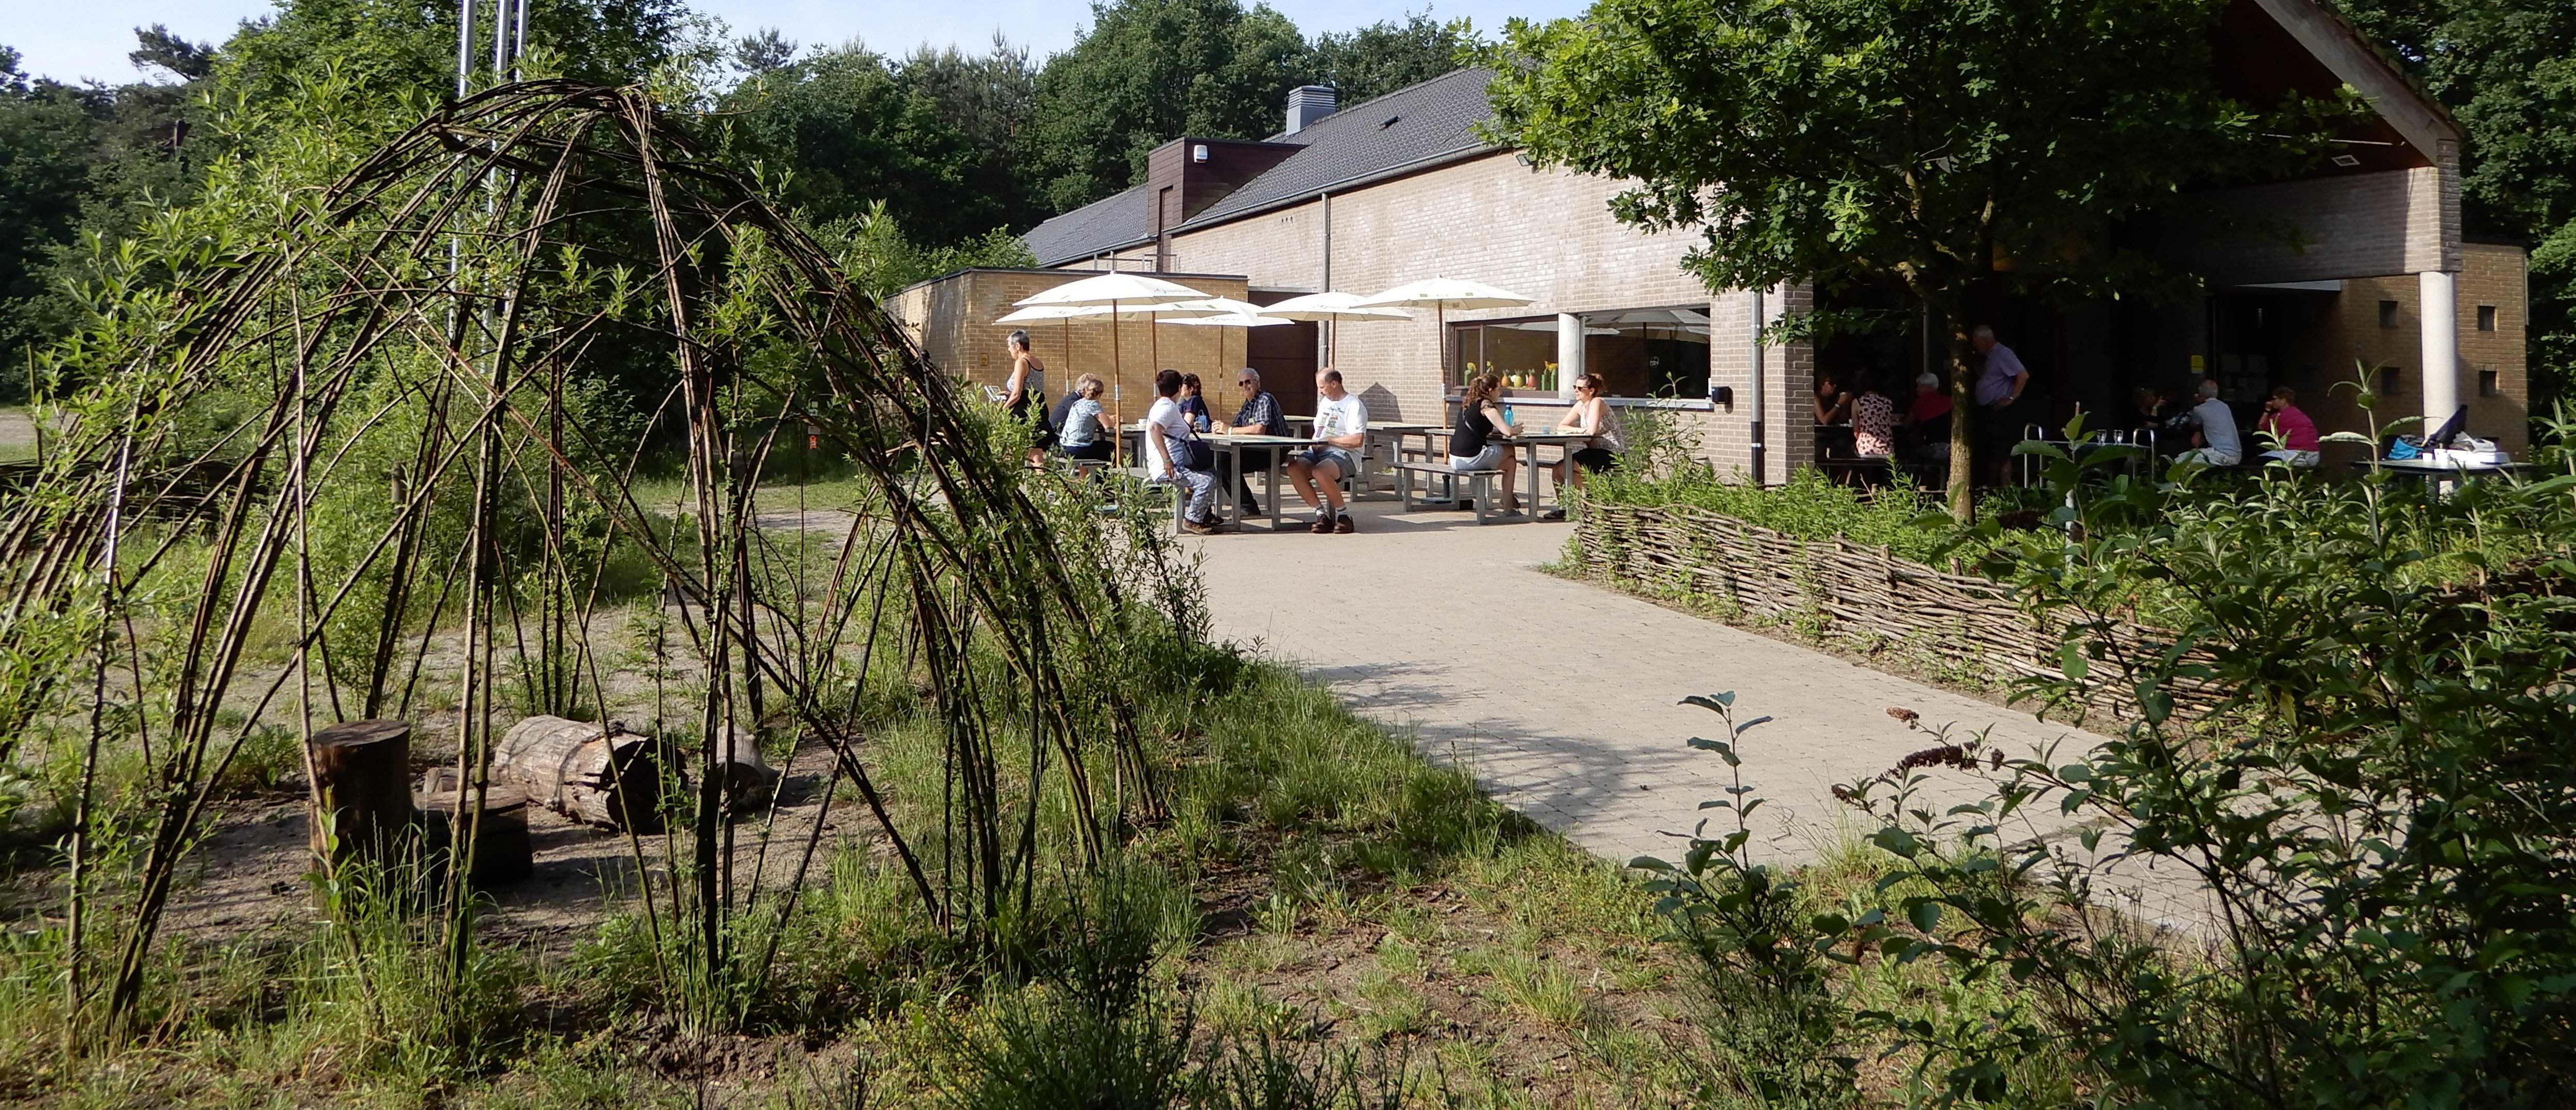 Bezoekerscentrum Landschap De Liereman - Oud-Turnhout